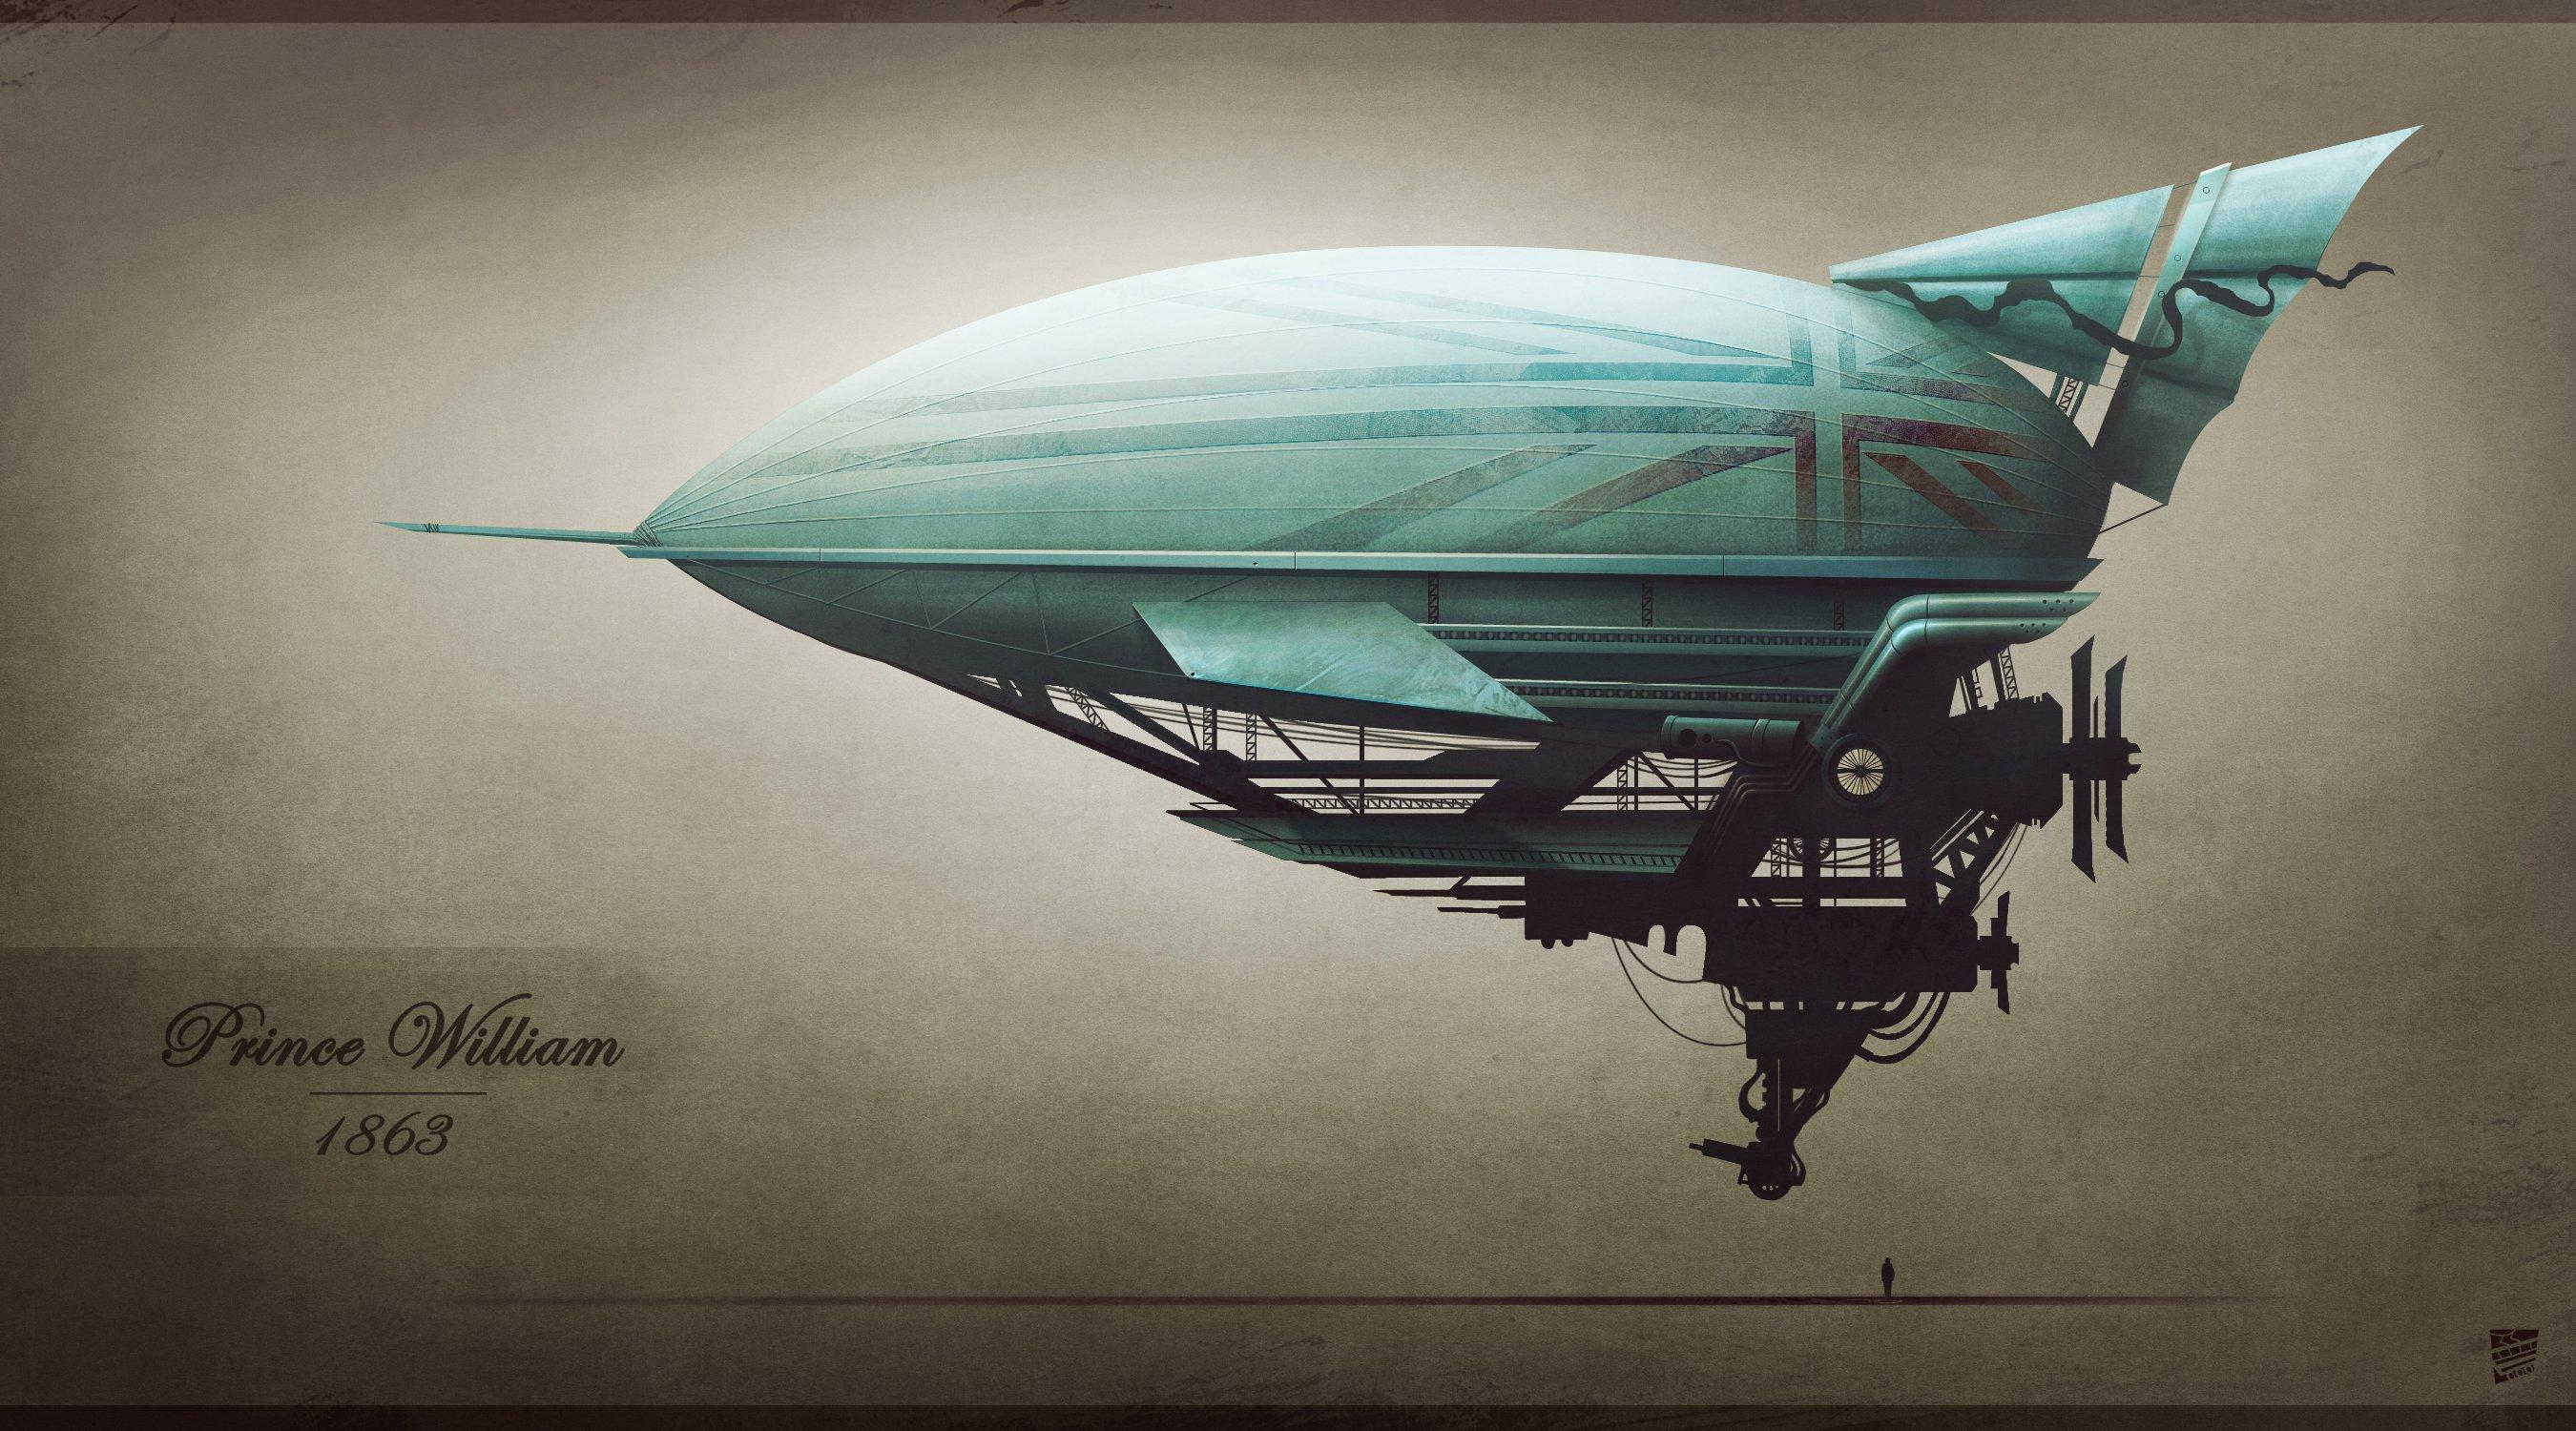 Я тут как-то выкладывал свой небольшой концепт британского летательного аппарата, и некоторые из ребят просили и сл ... - Изображение 2